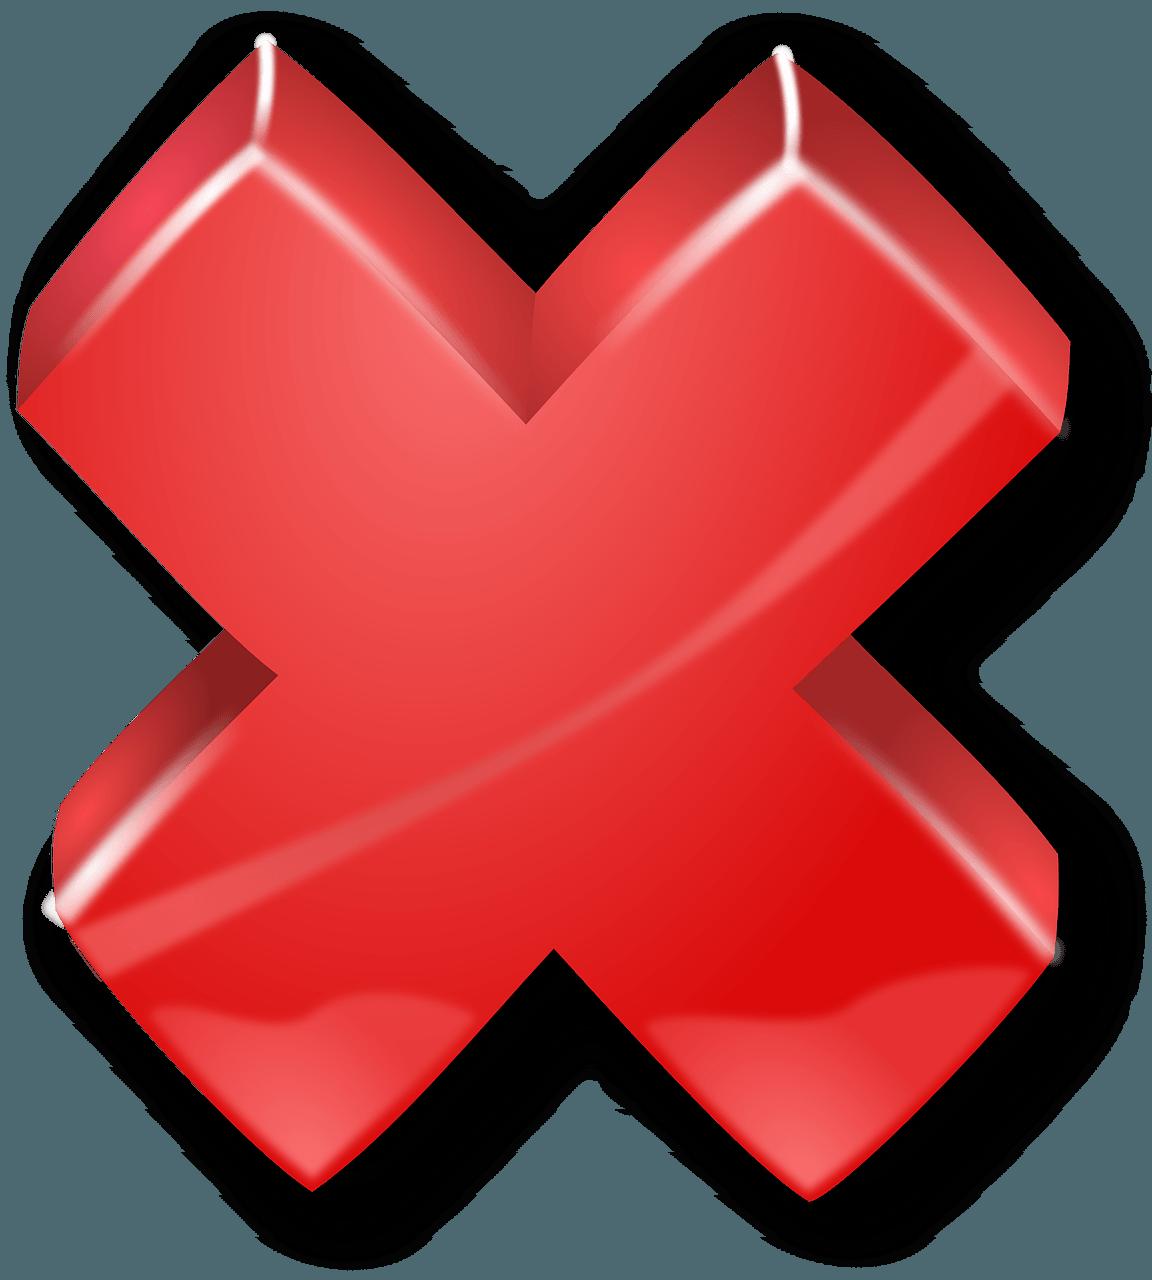 Clipart cross barbell. Dumbbells vs barbells for